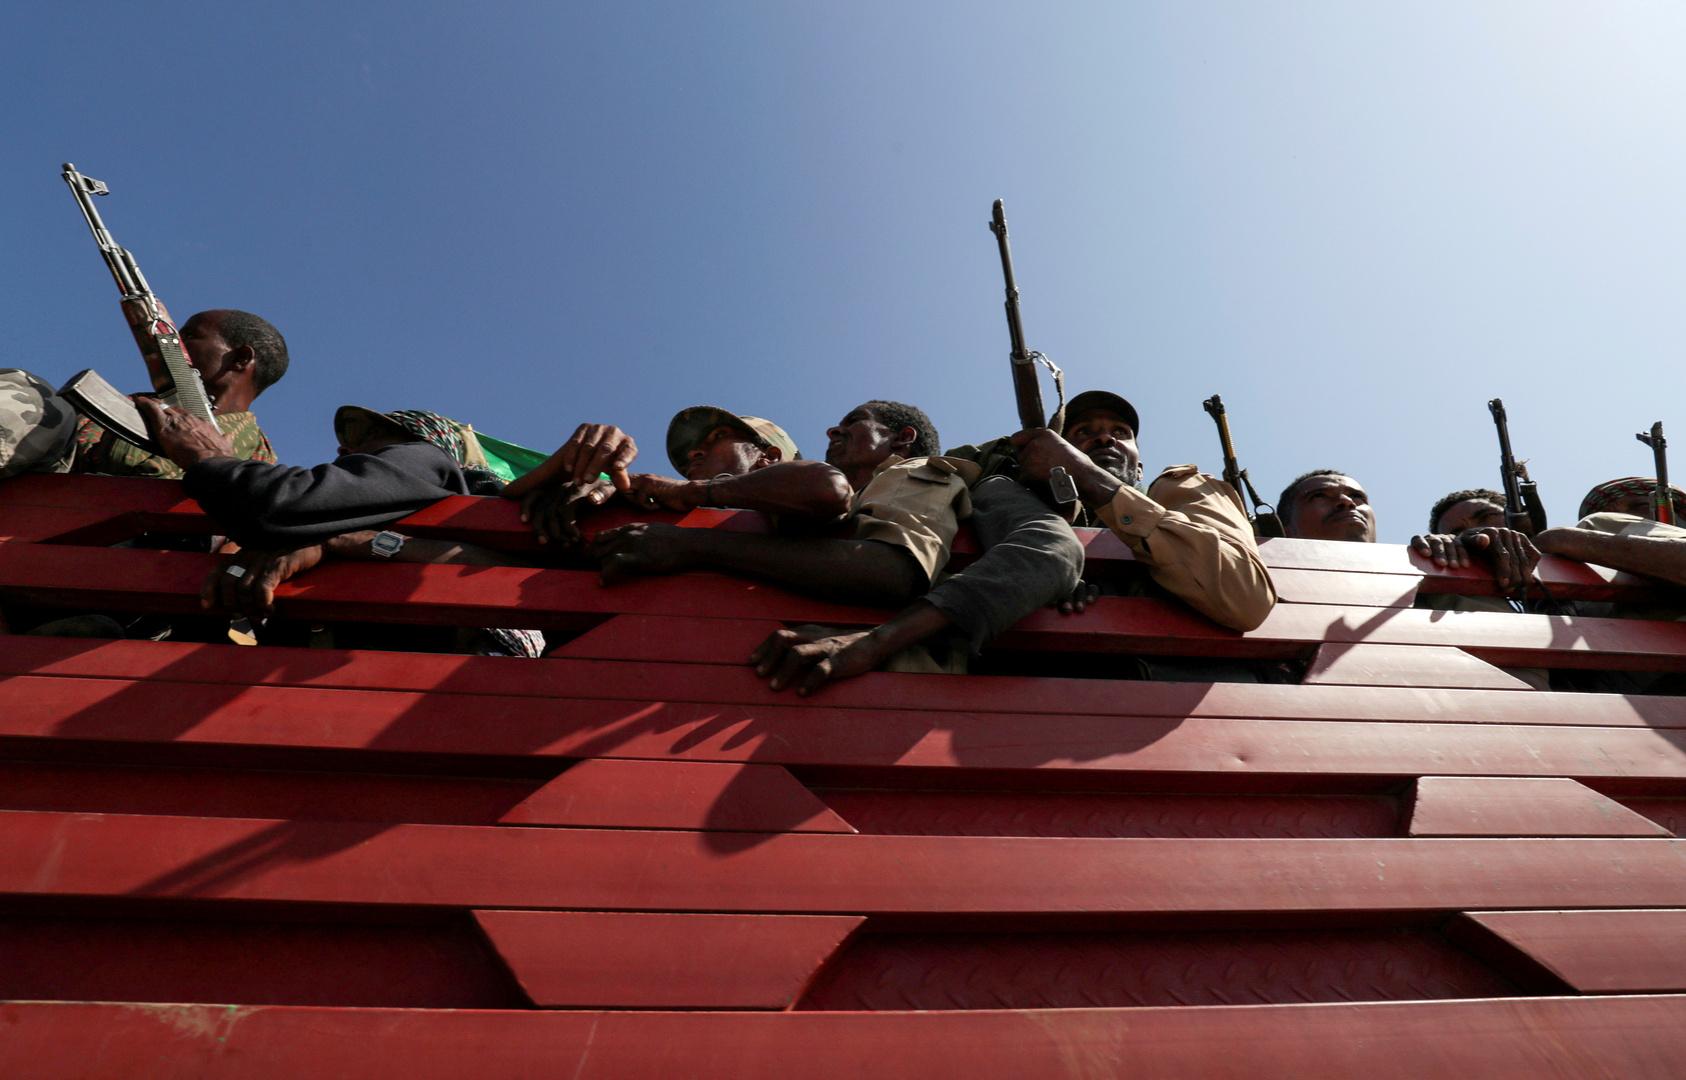 فيديو مسرب.. جنرال إثيوبي يقر بدخول قوات إريترية لإقليم تيغراي دون دعوة